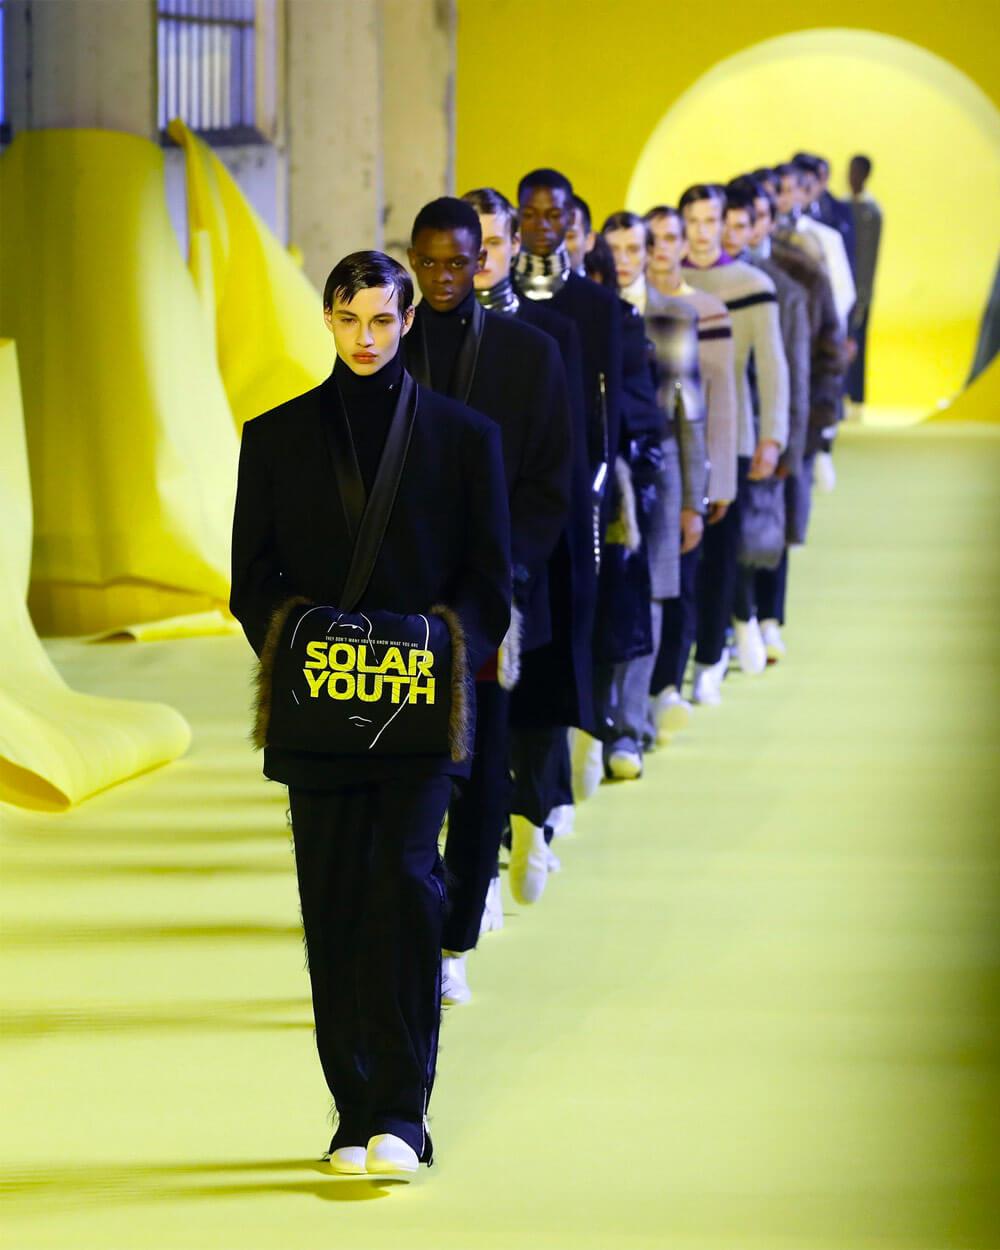 Prada 2020 collection by Raf Simons